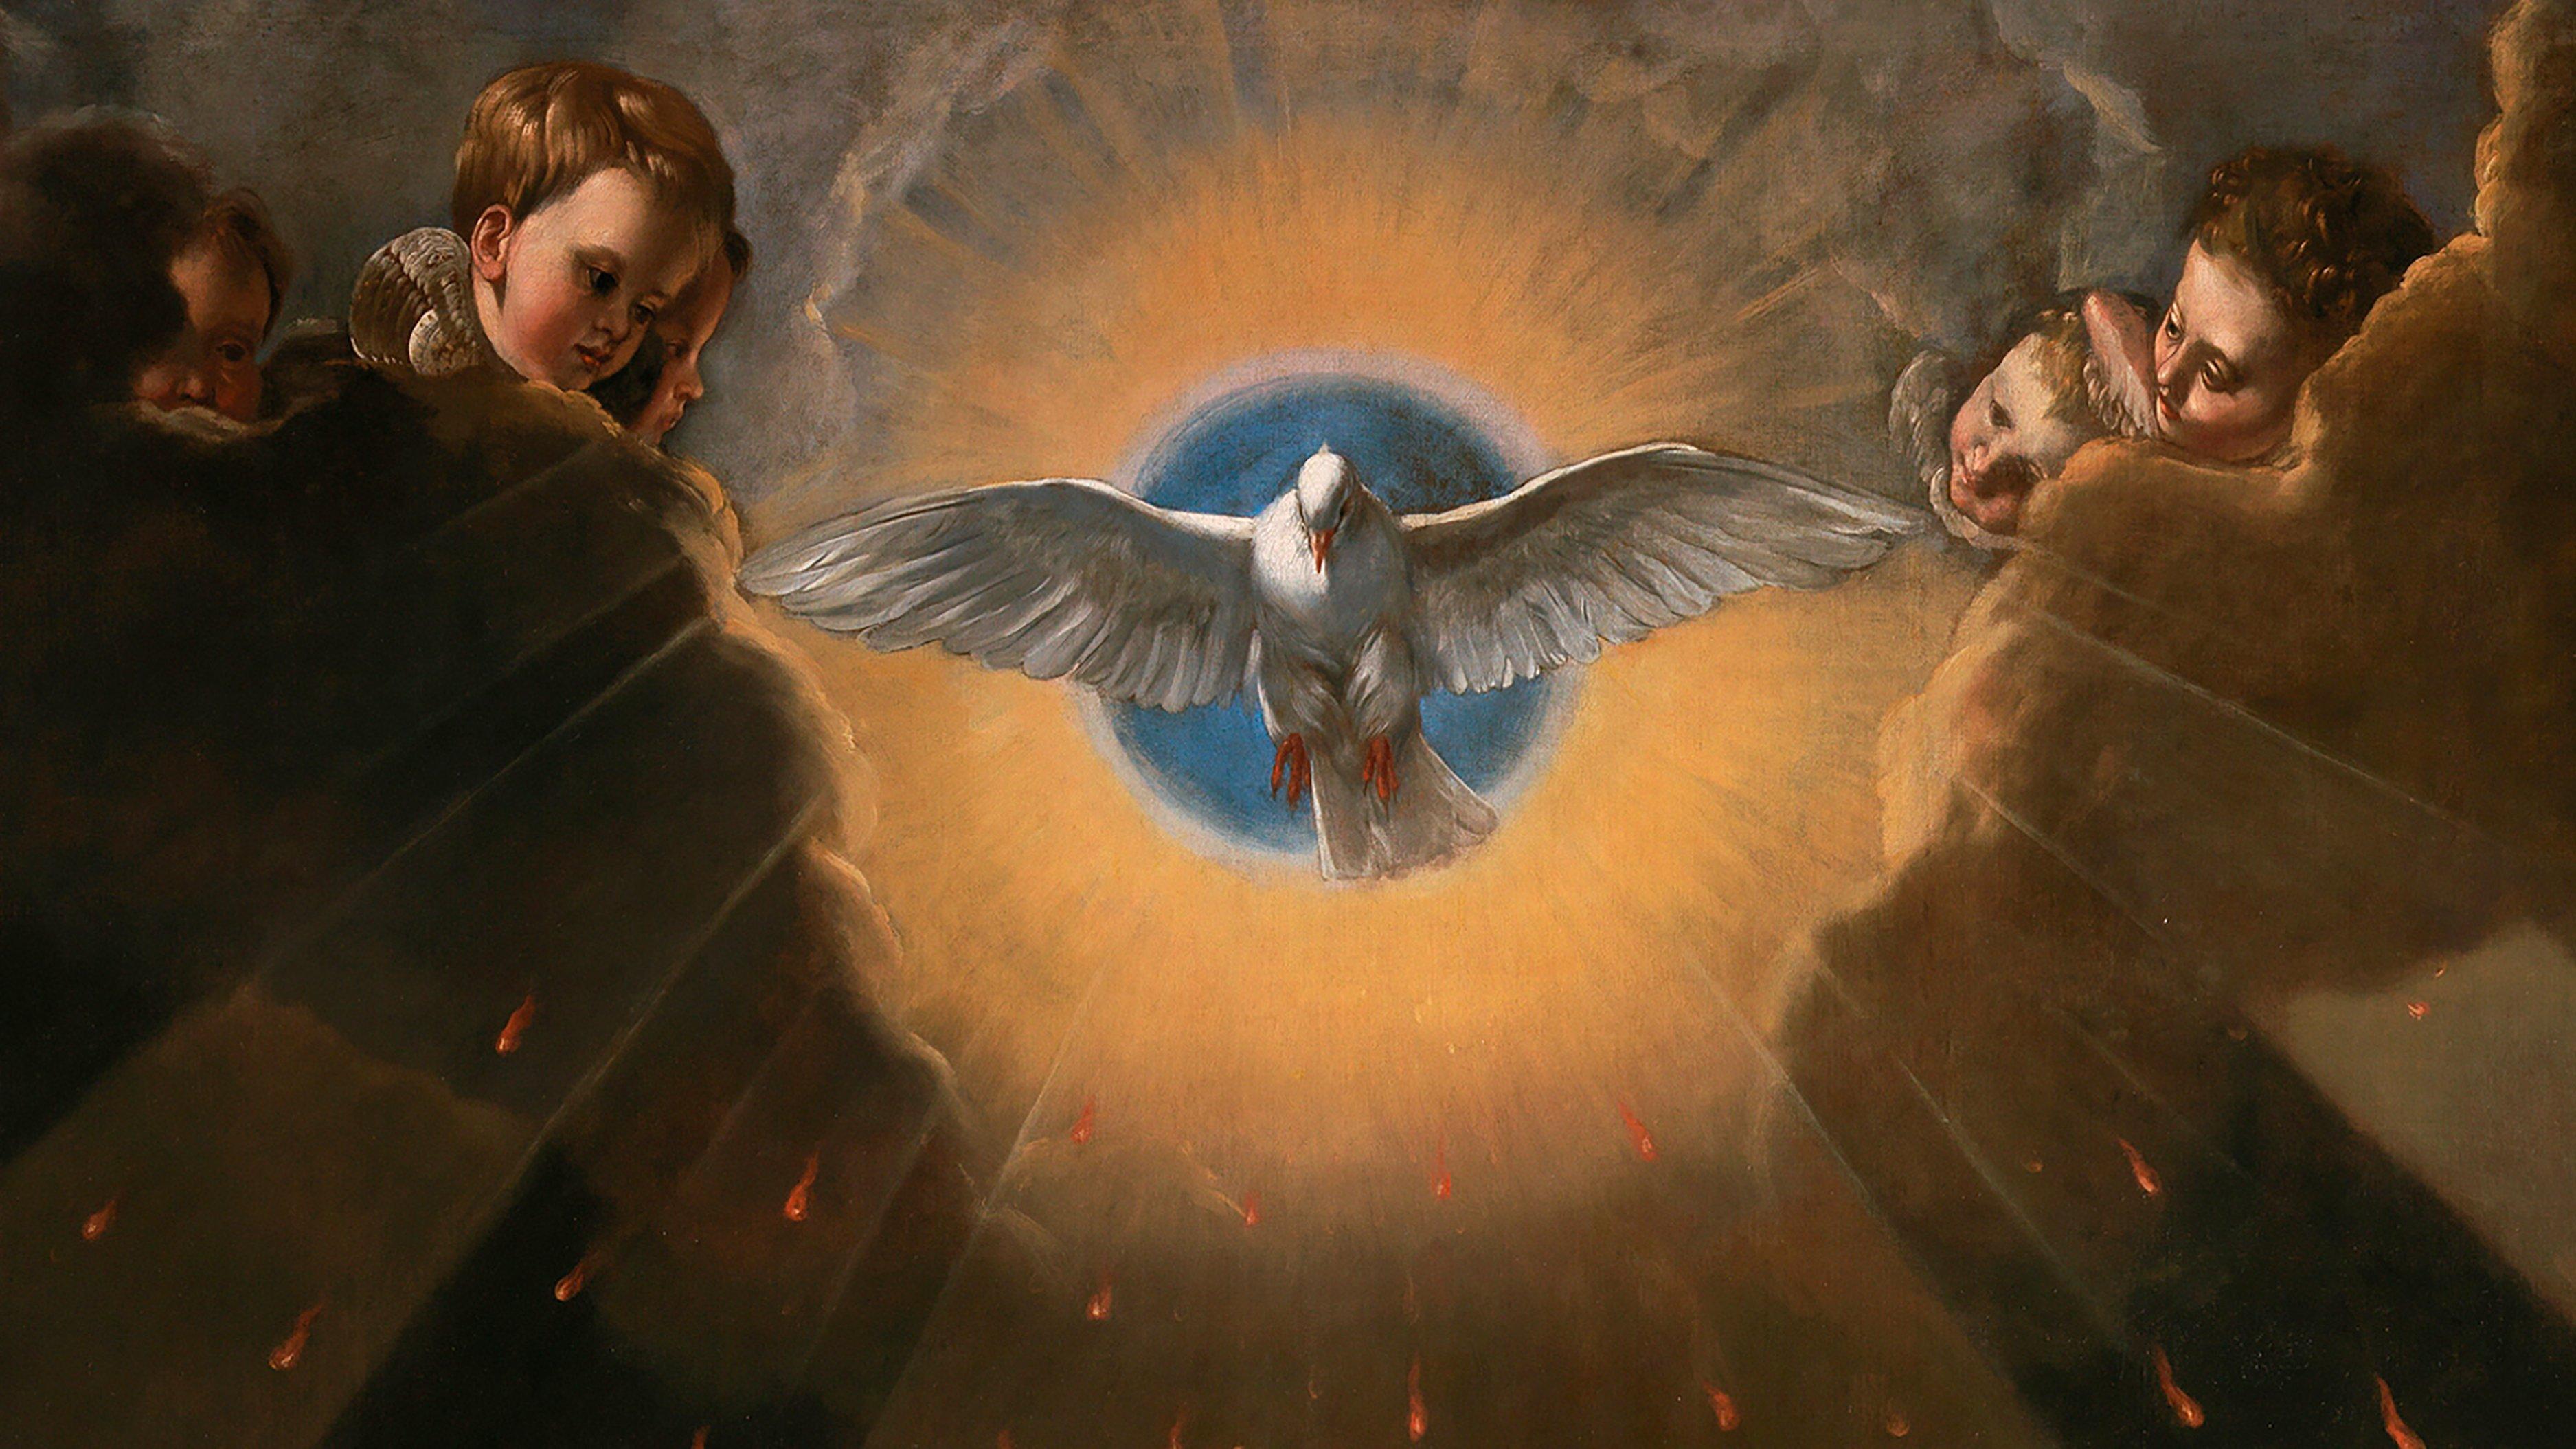 Wallpaper de Pentecostes